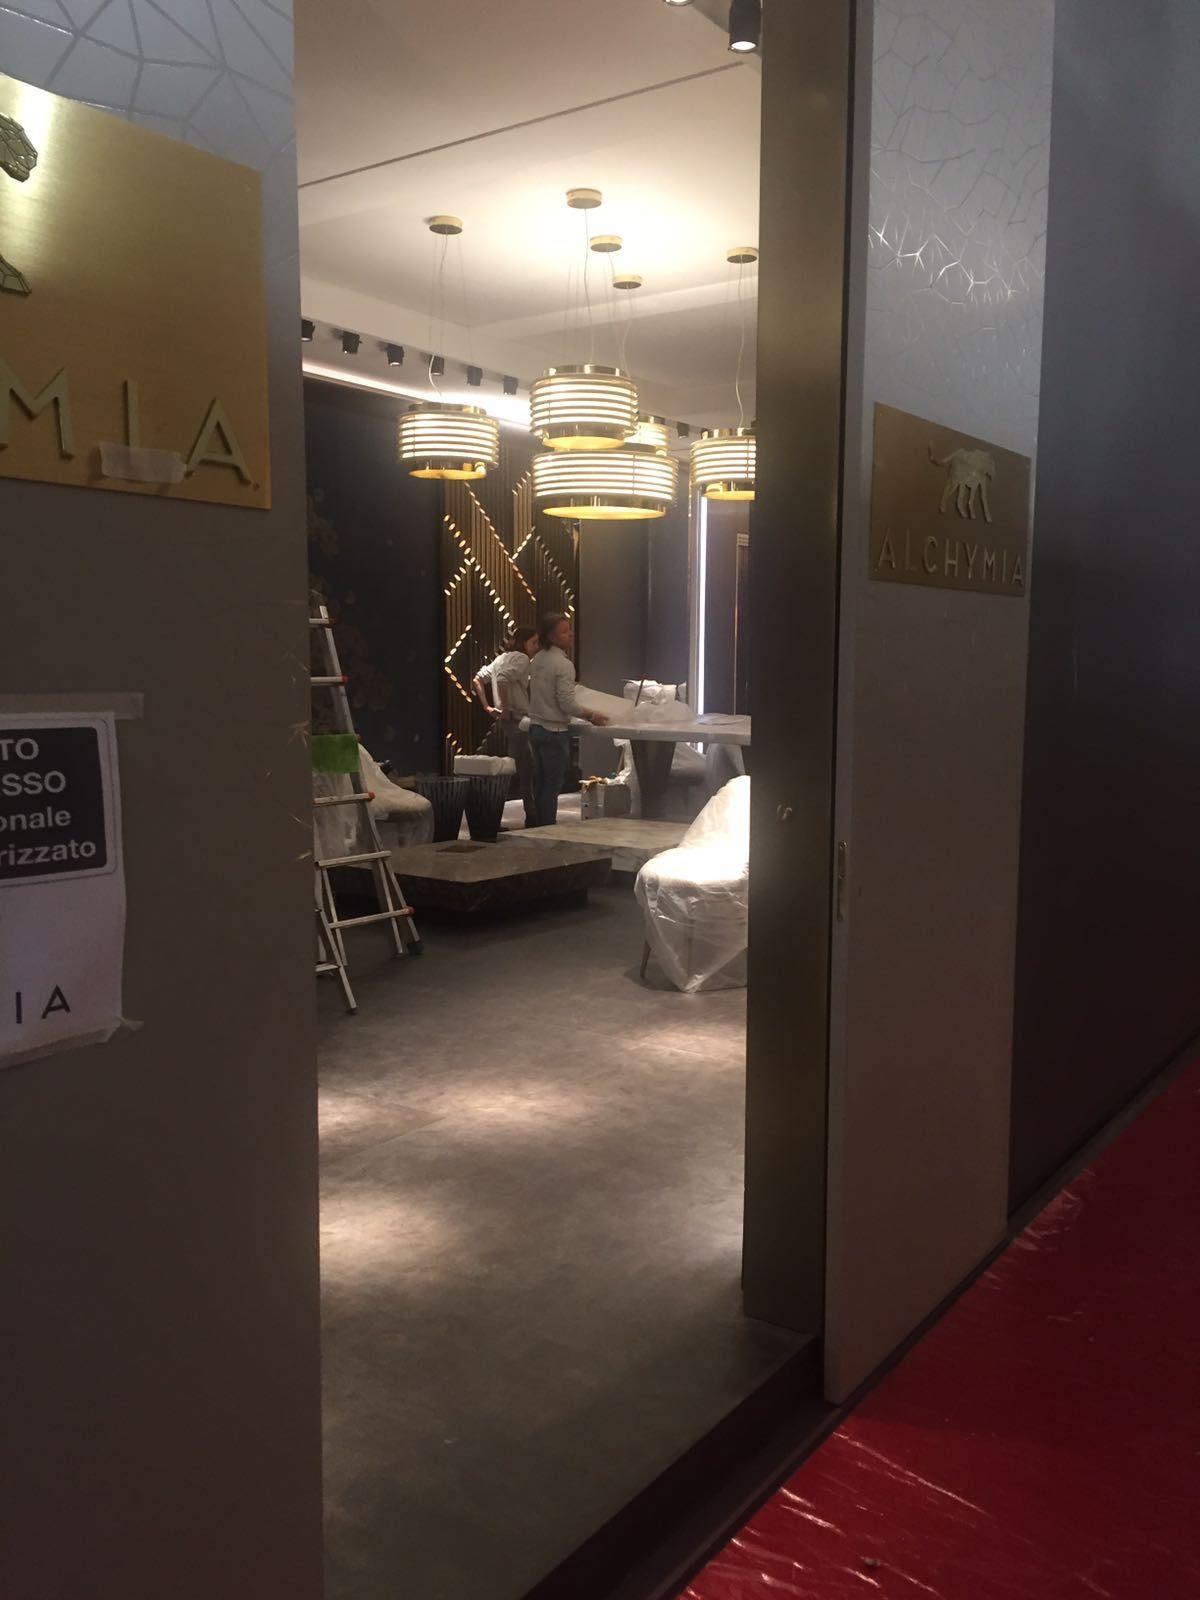 @isaloni #Medea #mobilfresno #rubelli #casamilano #reflex #smania #longhi #alchymia #citco #brabbu #delightfull  #bocadolobo   iSaloni   Interior Design   Milan Design Week   #isaloni #salonedelmobile #interiordesign